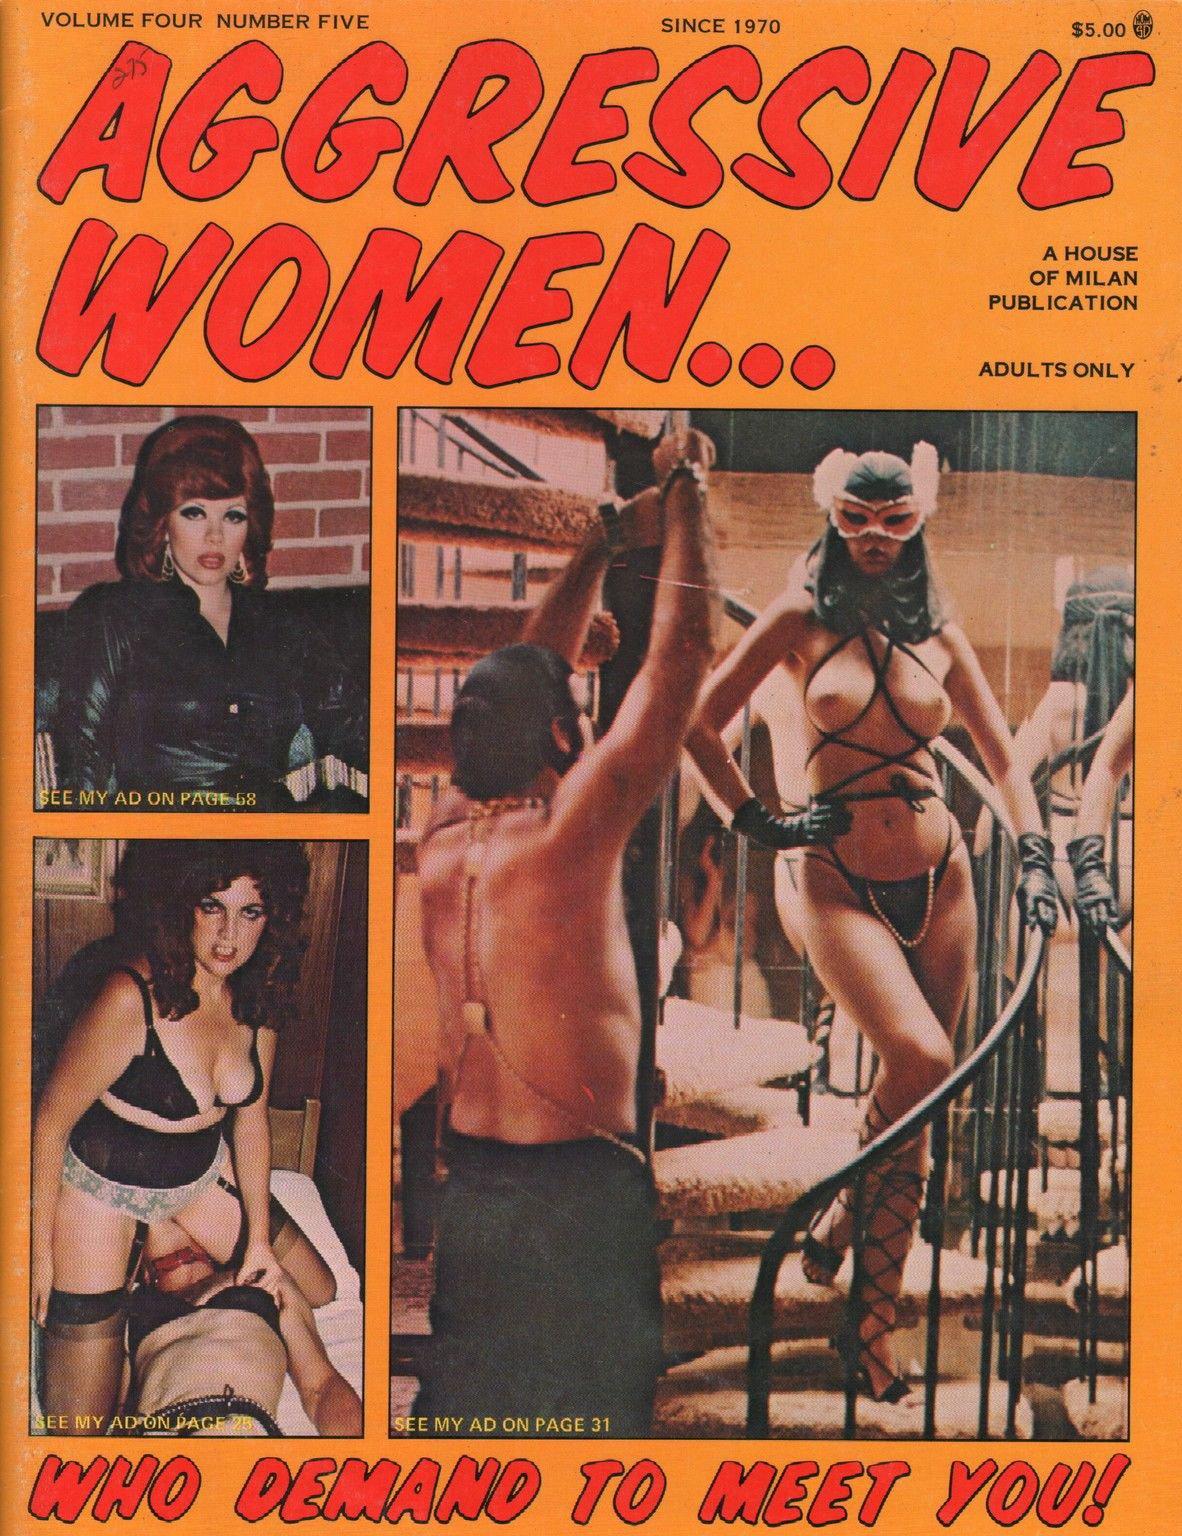 Aggressive Women Vol. 4 # 5 magazine back issue Aggressive Women magizine back copy